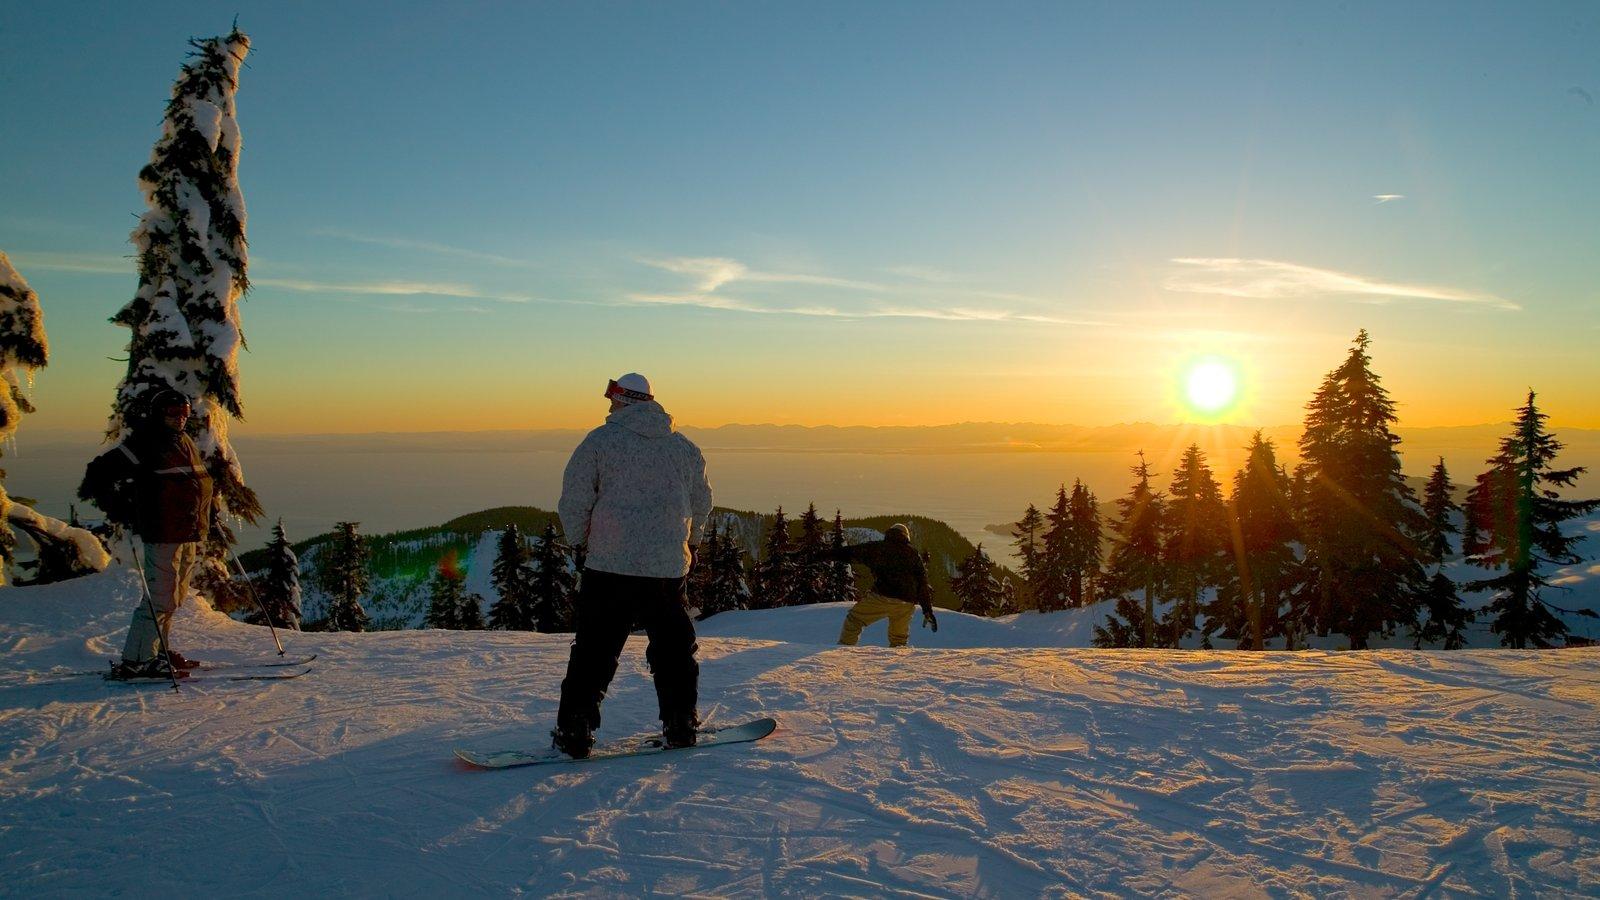 Cypress Mountain ofreciendo montañas, vistas de paisajes y una puesta de sol